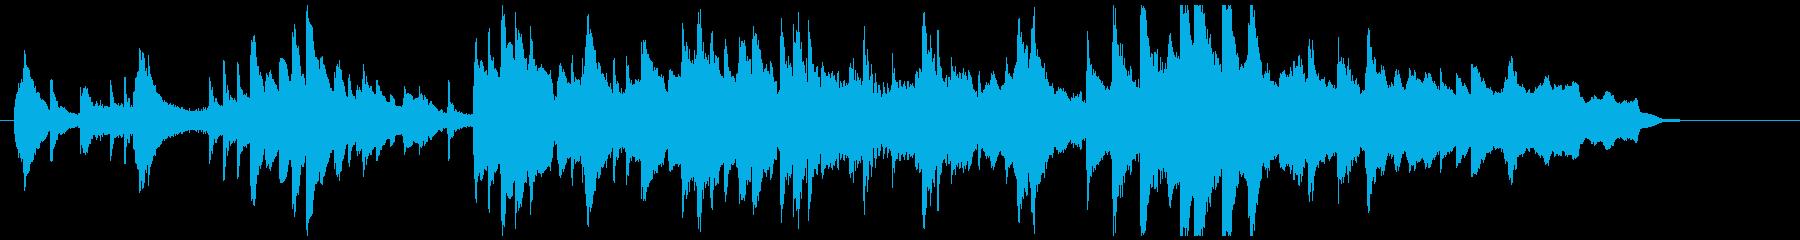 ピアノ、弦楽器、静かな挿入曲♪50秒の再生済みの波形